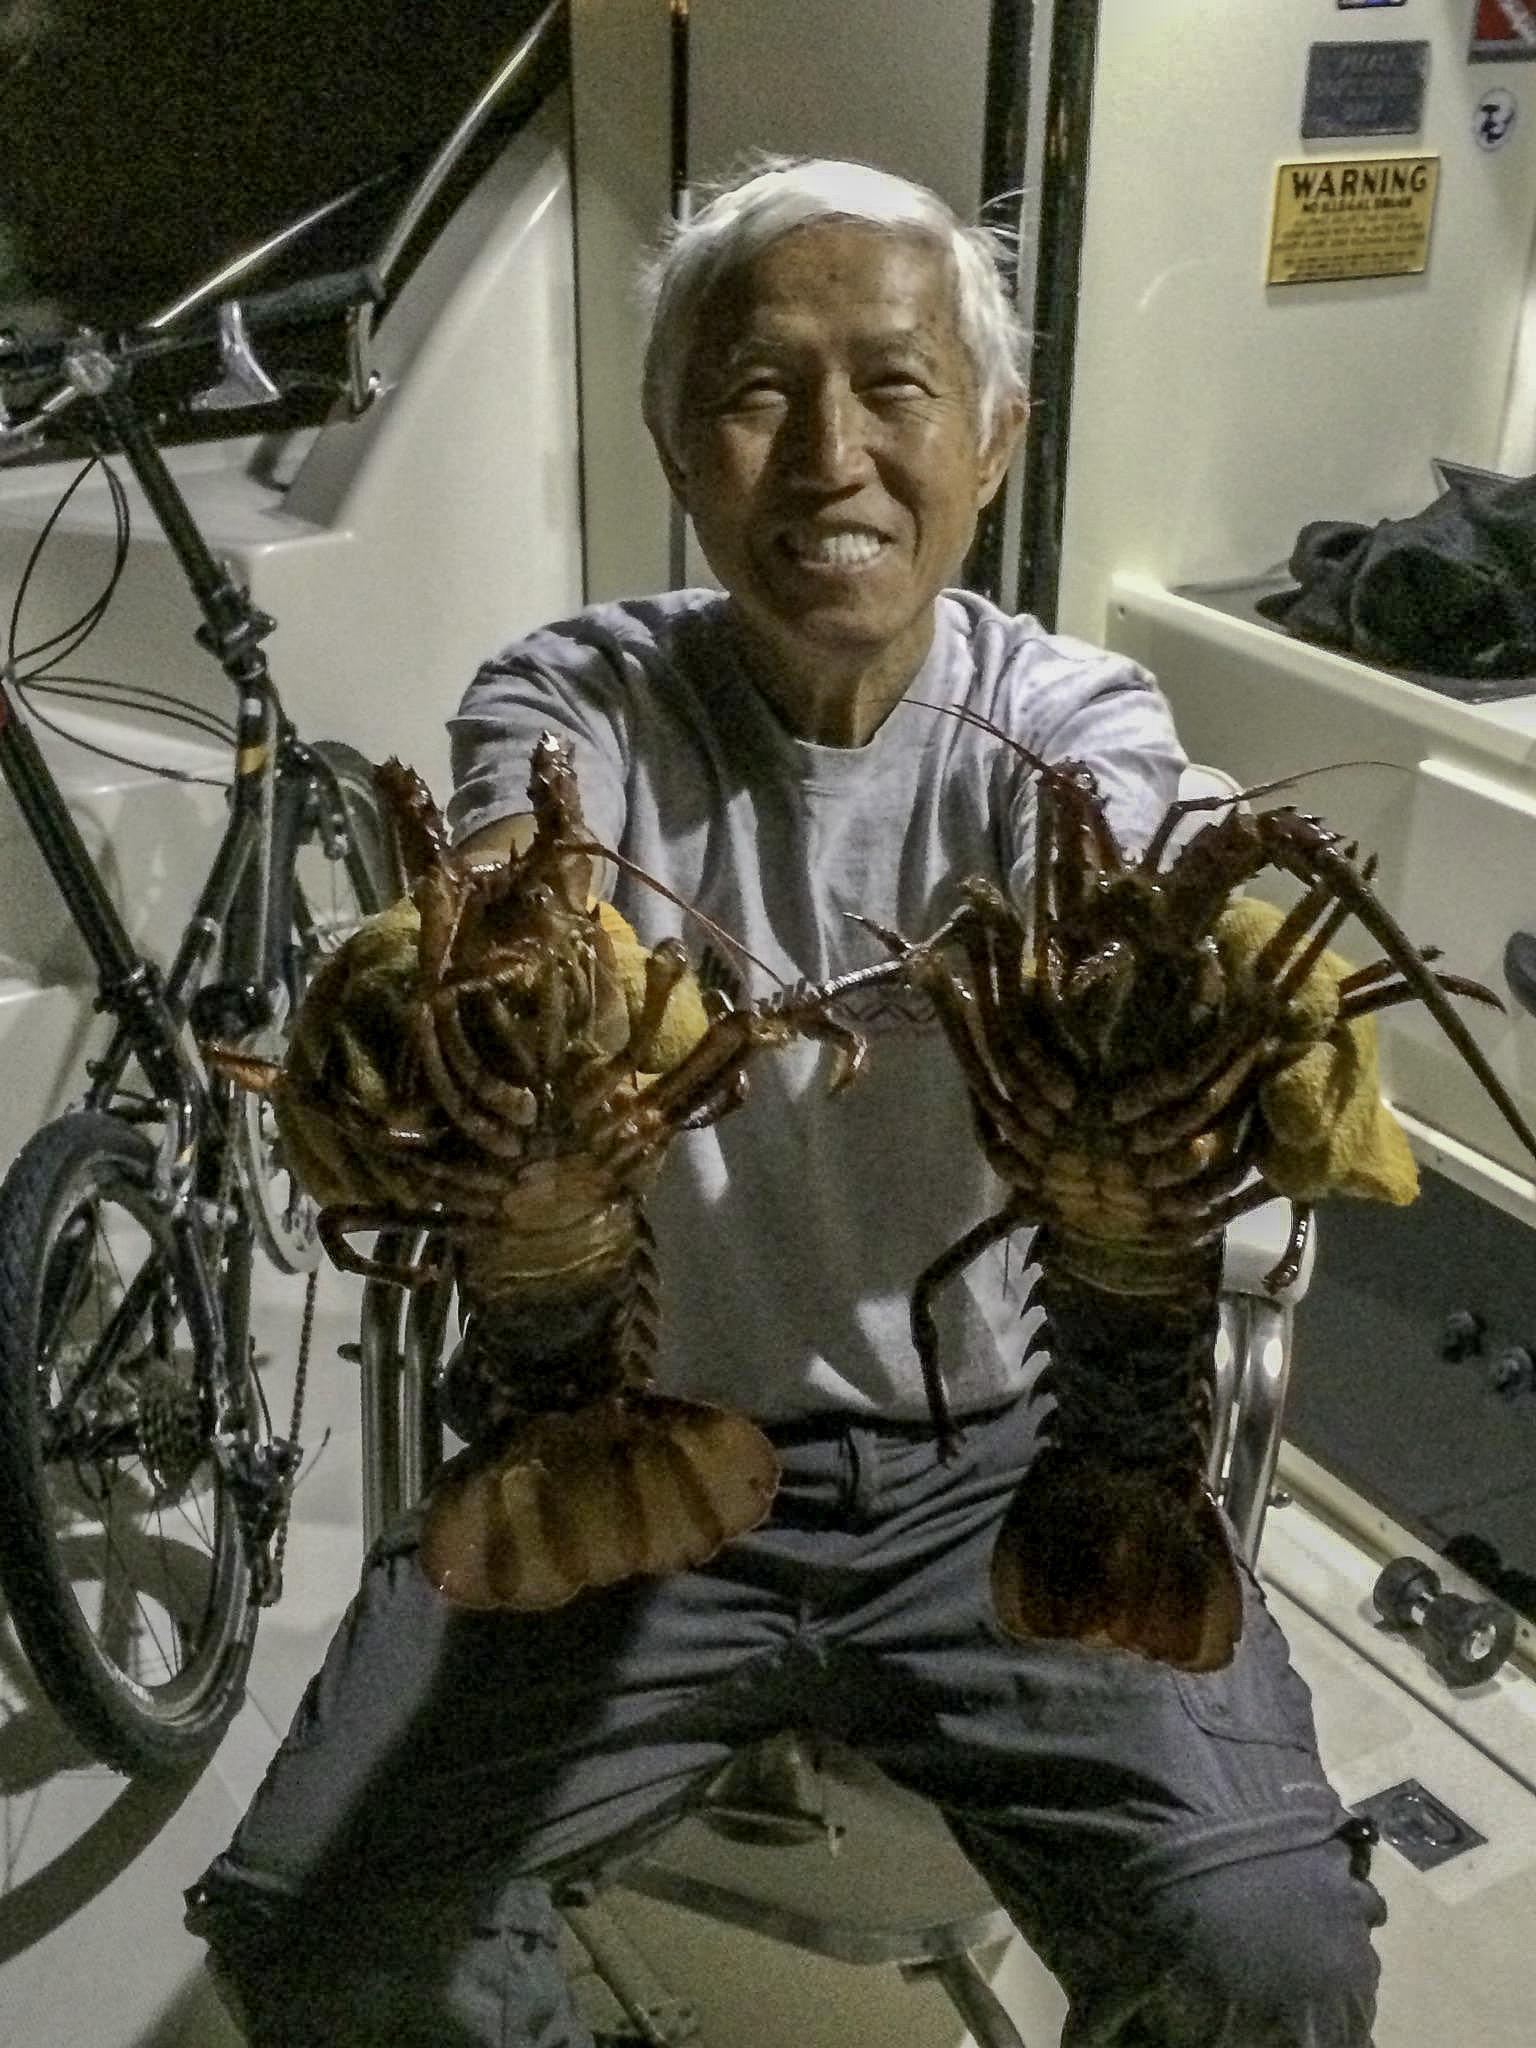 Lobster George